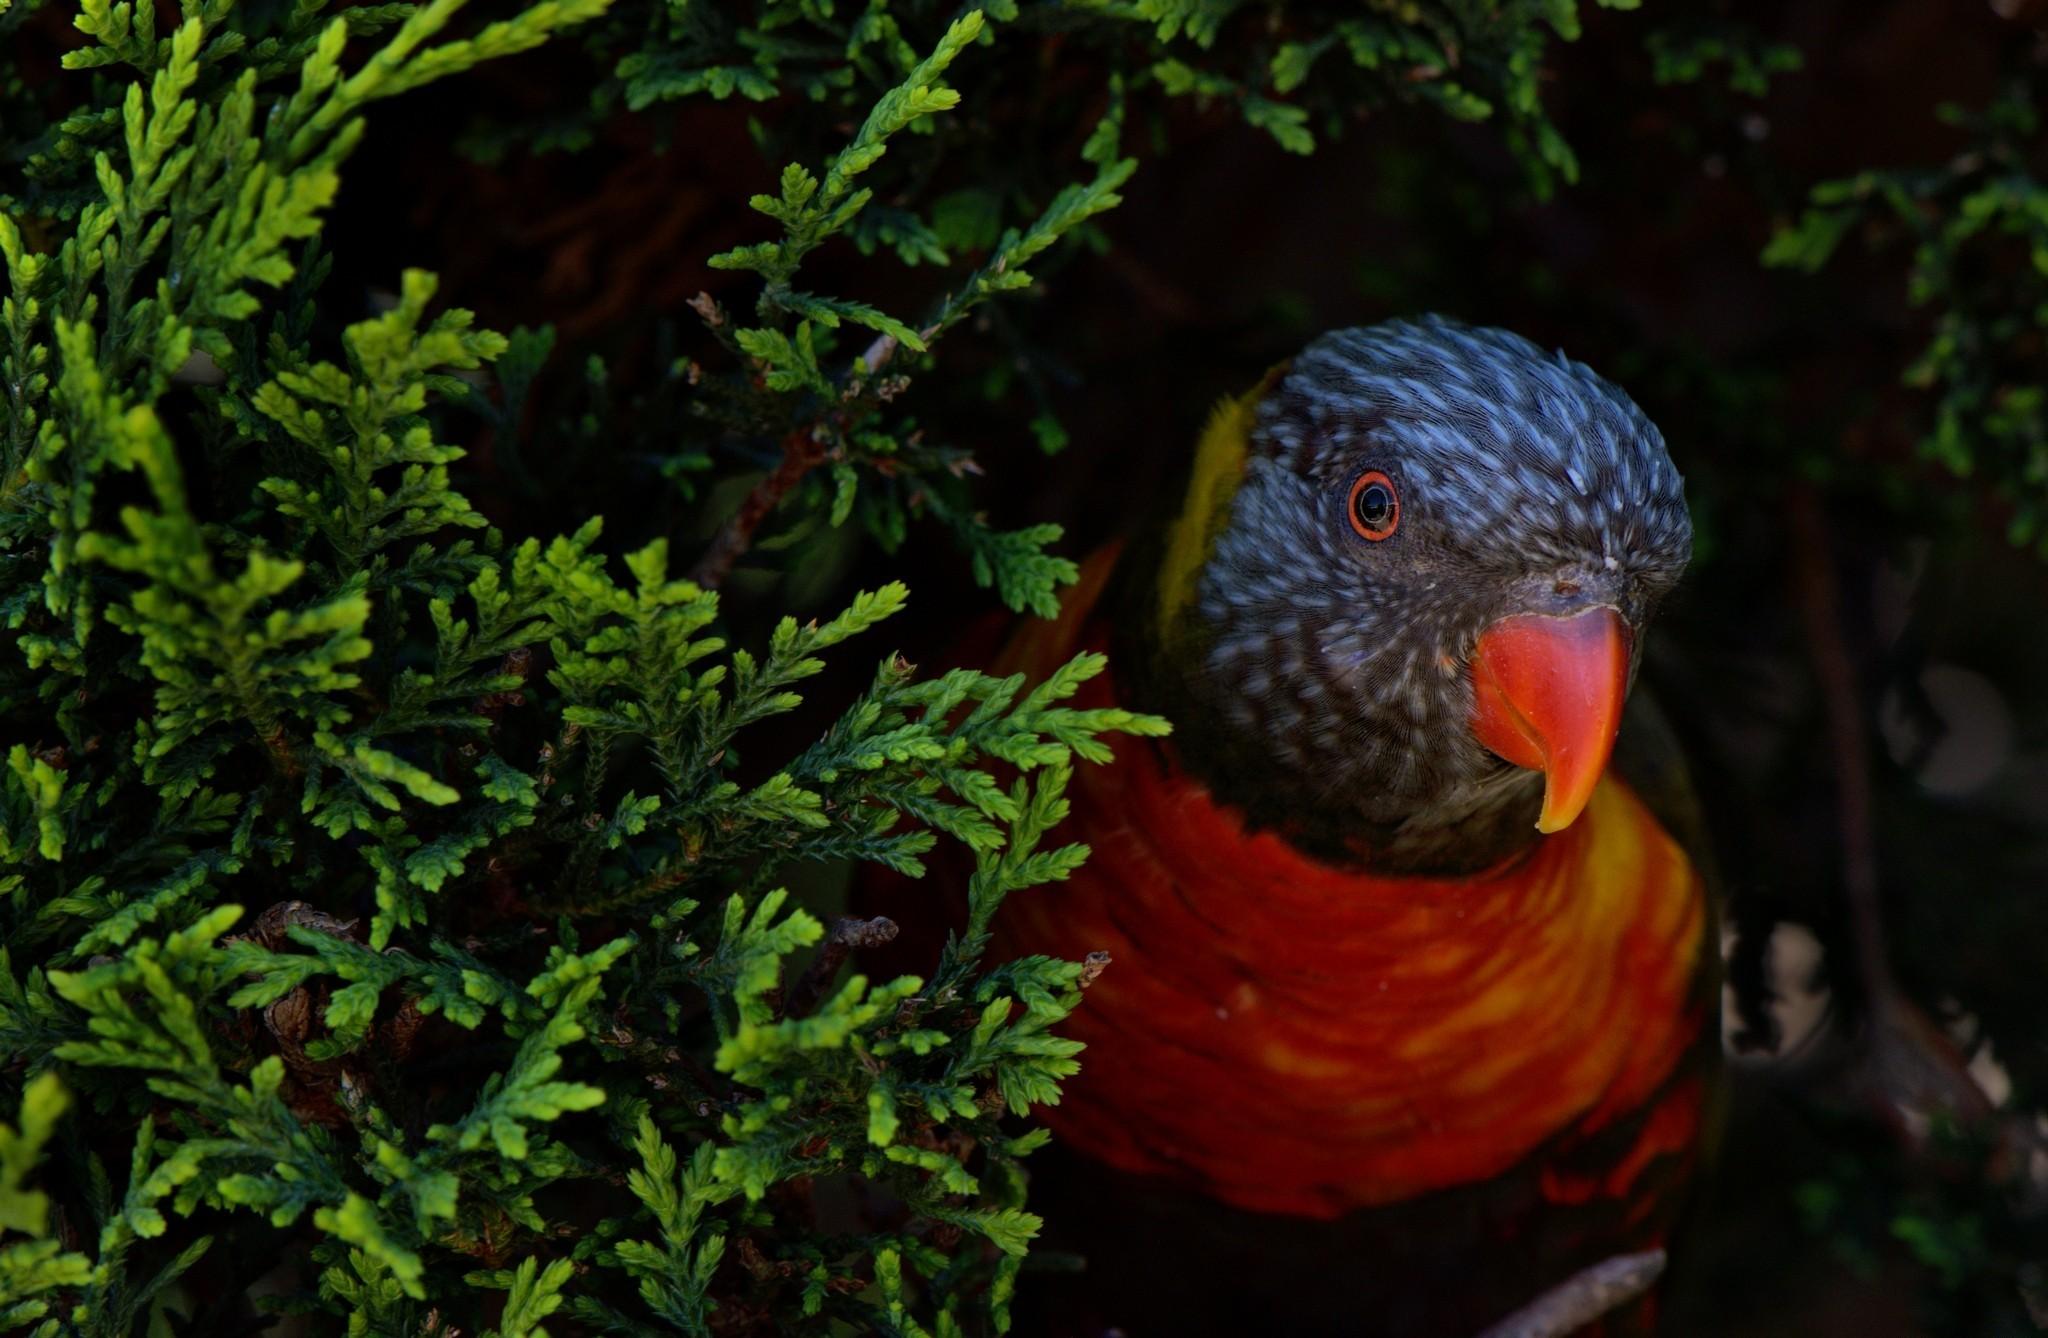 Cute Birds hd Wallpapers 1080p Cute Bird Parrot hd Wallpaper 2048x1338